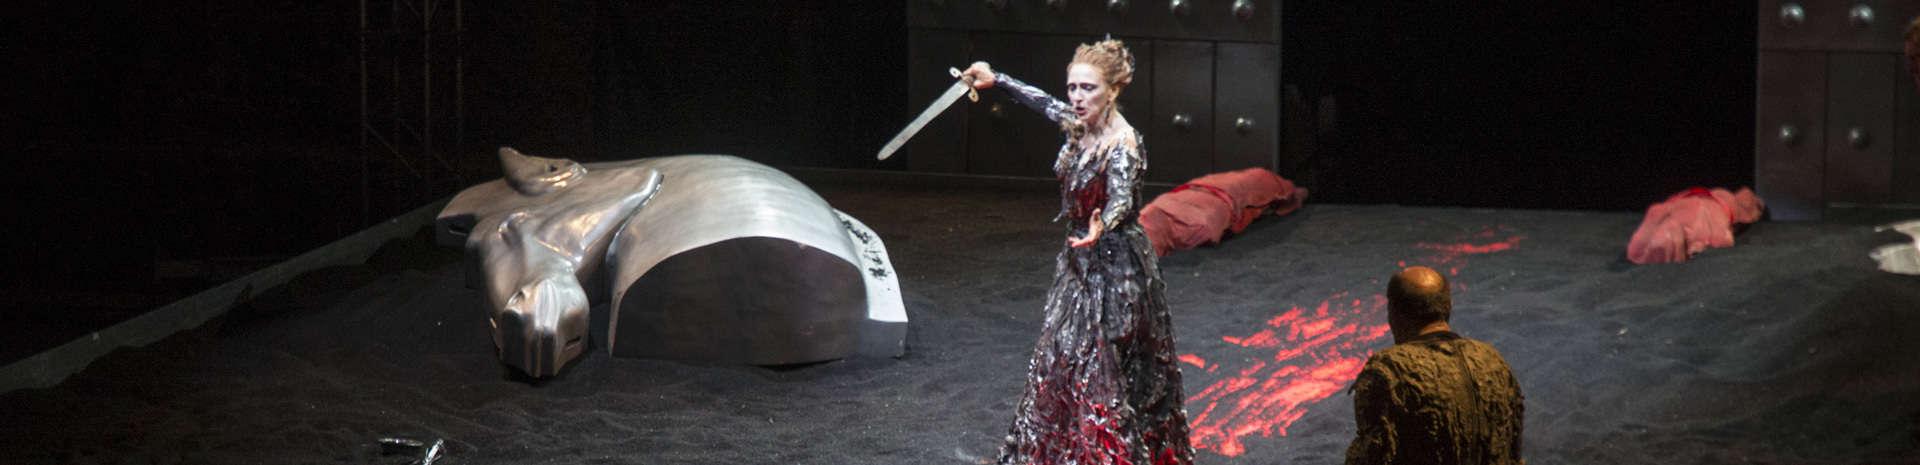 Orestea_Teatro-Stabile-Napoli